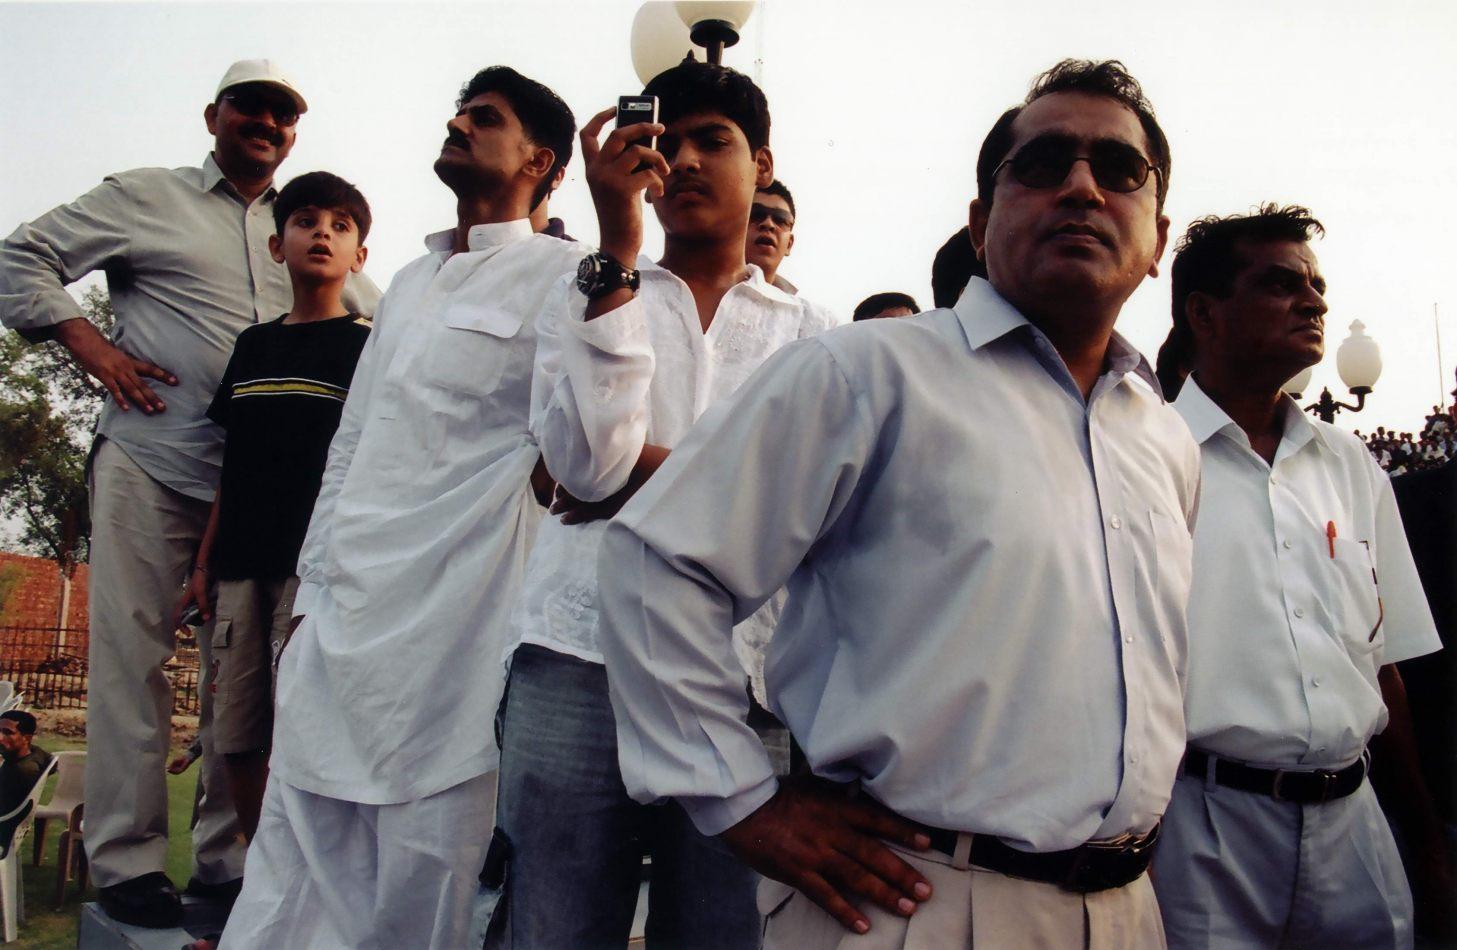 Anthony Ellis Photography: Zindabad - Punjabis Watch the Closing of the Hindustani Gates